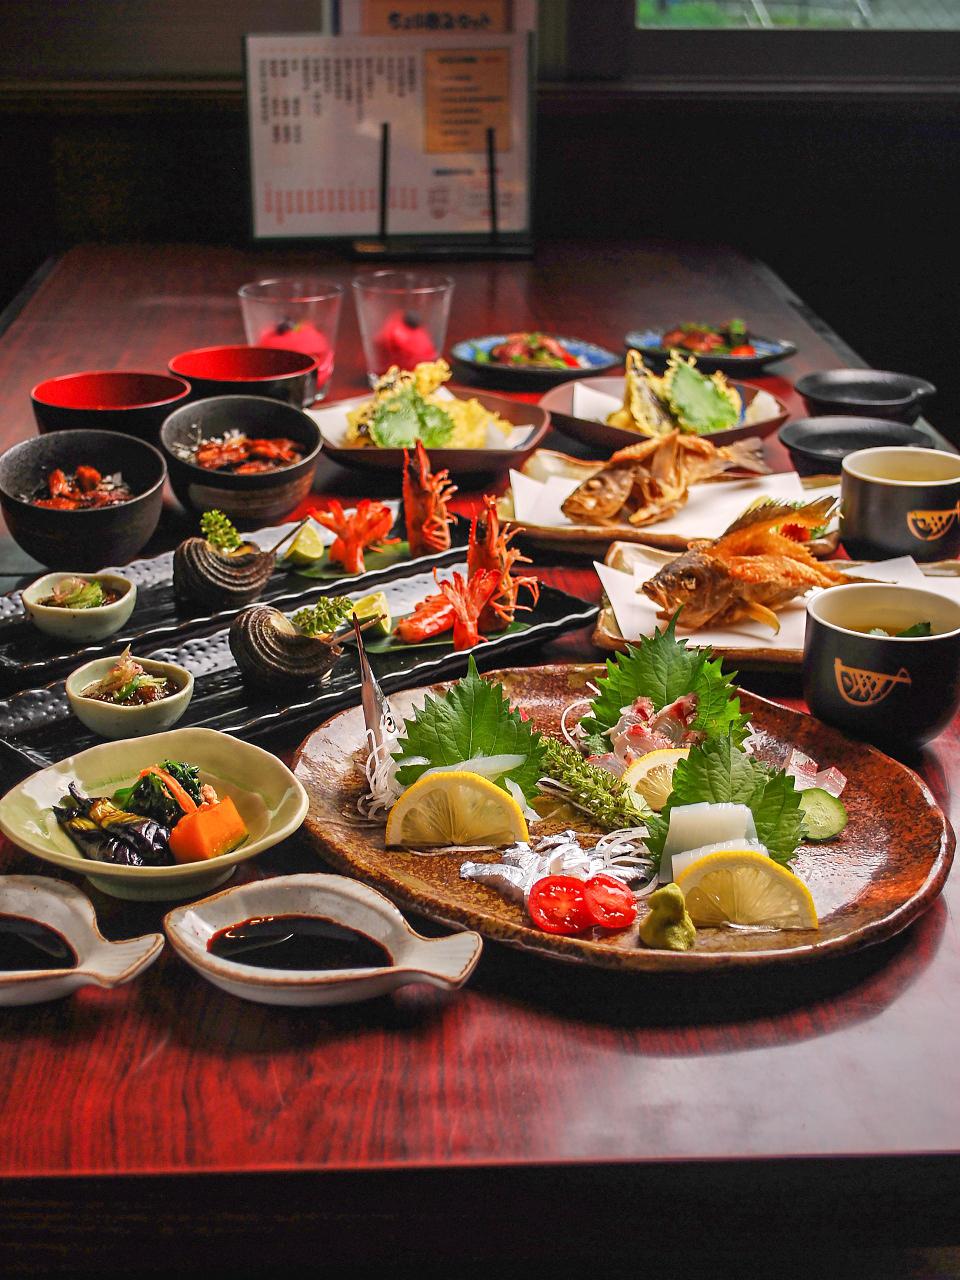 広島のおもてなし料理で美味しいひとときを。